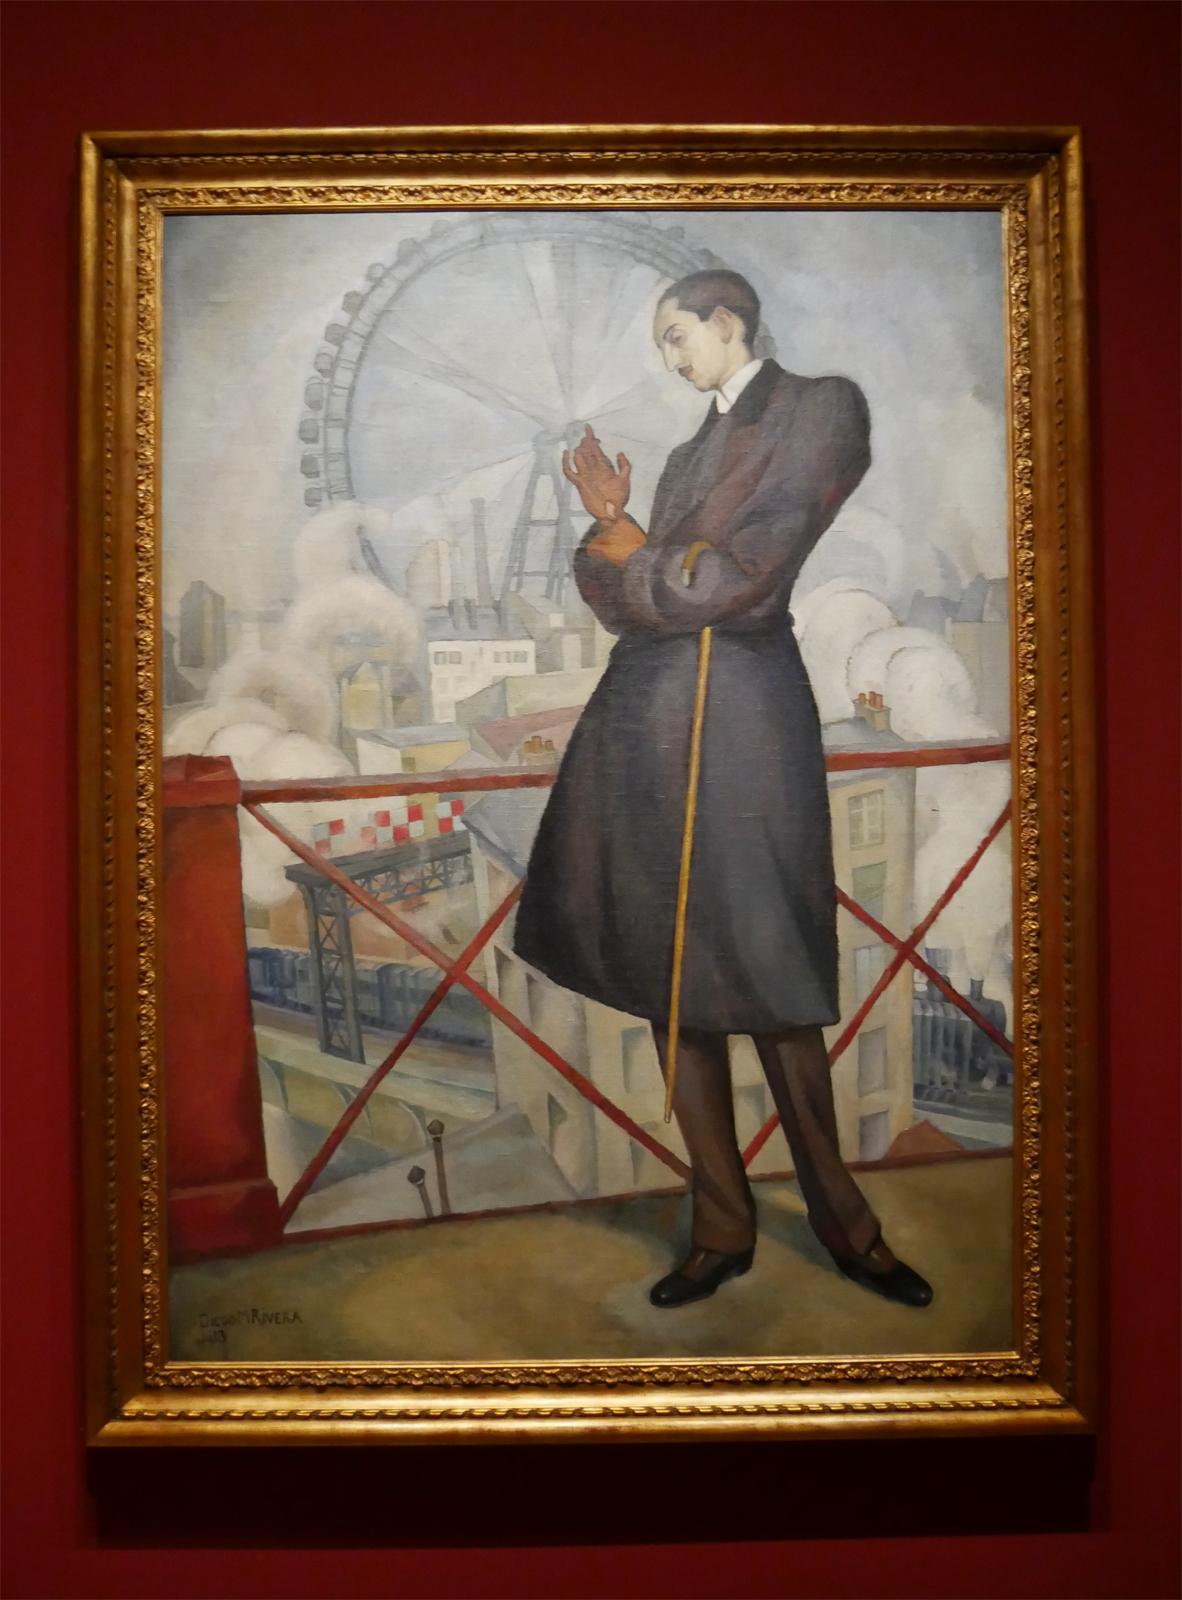 diego-rivera-portrait-adolfo-best-maugard-1913-mexico-inba-museo-nacional-de-arte-exposition-mexique-grand-palais